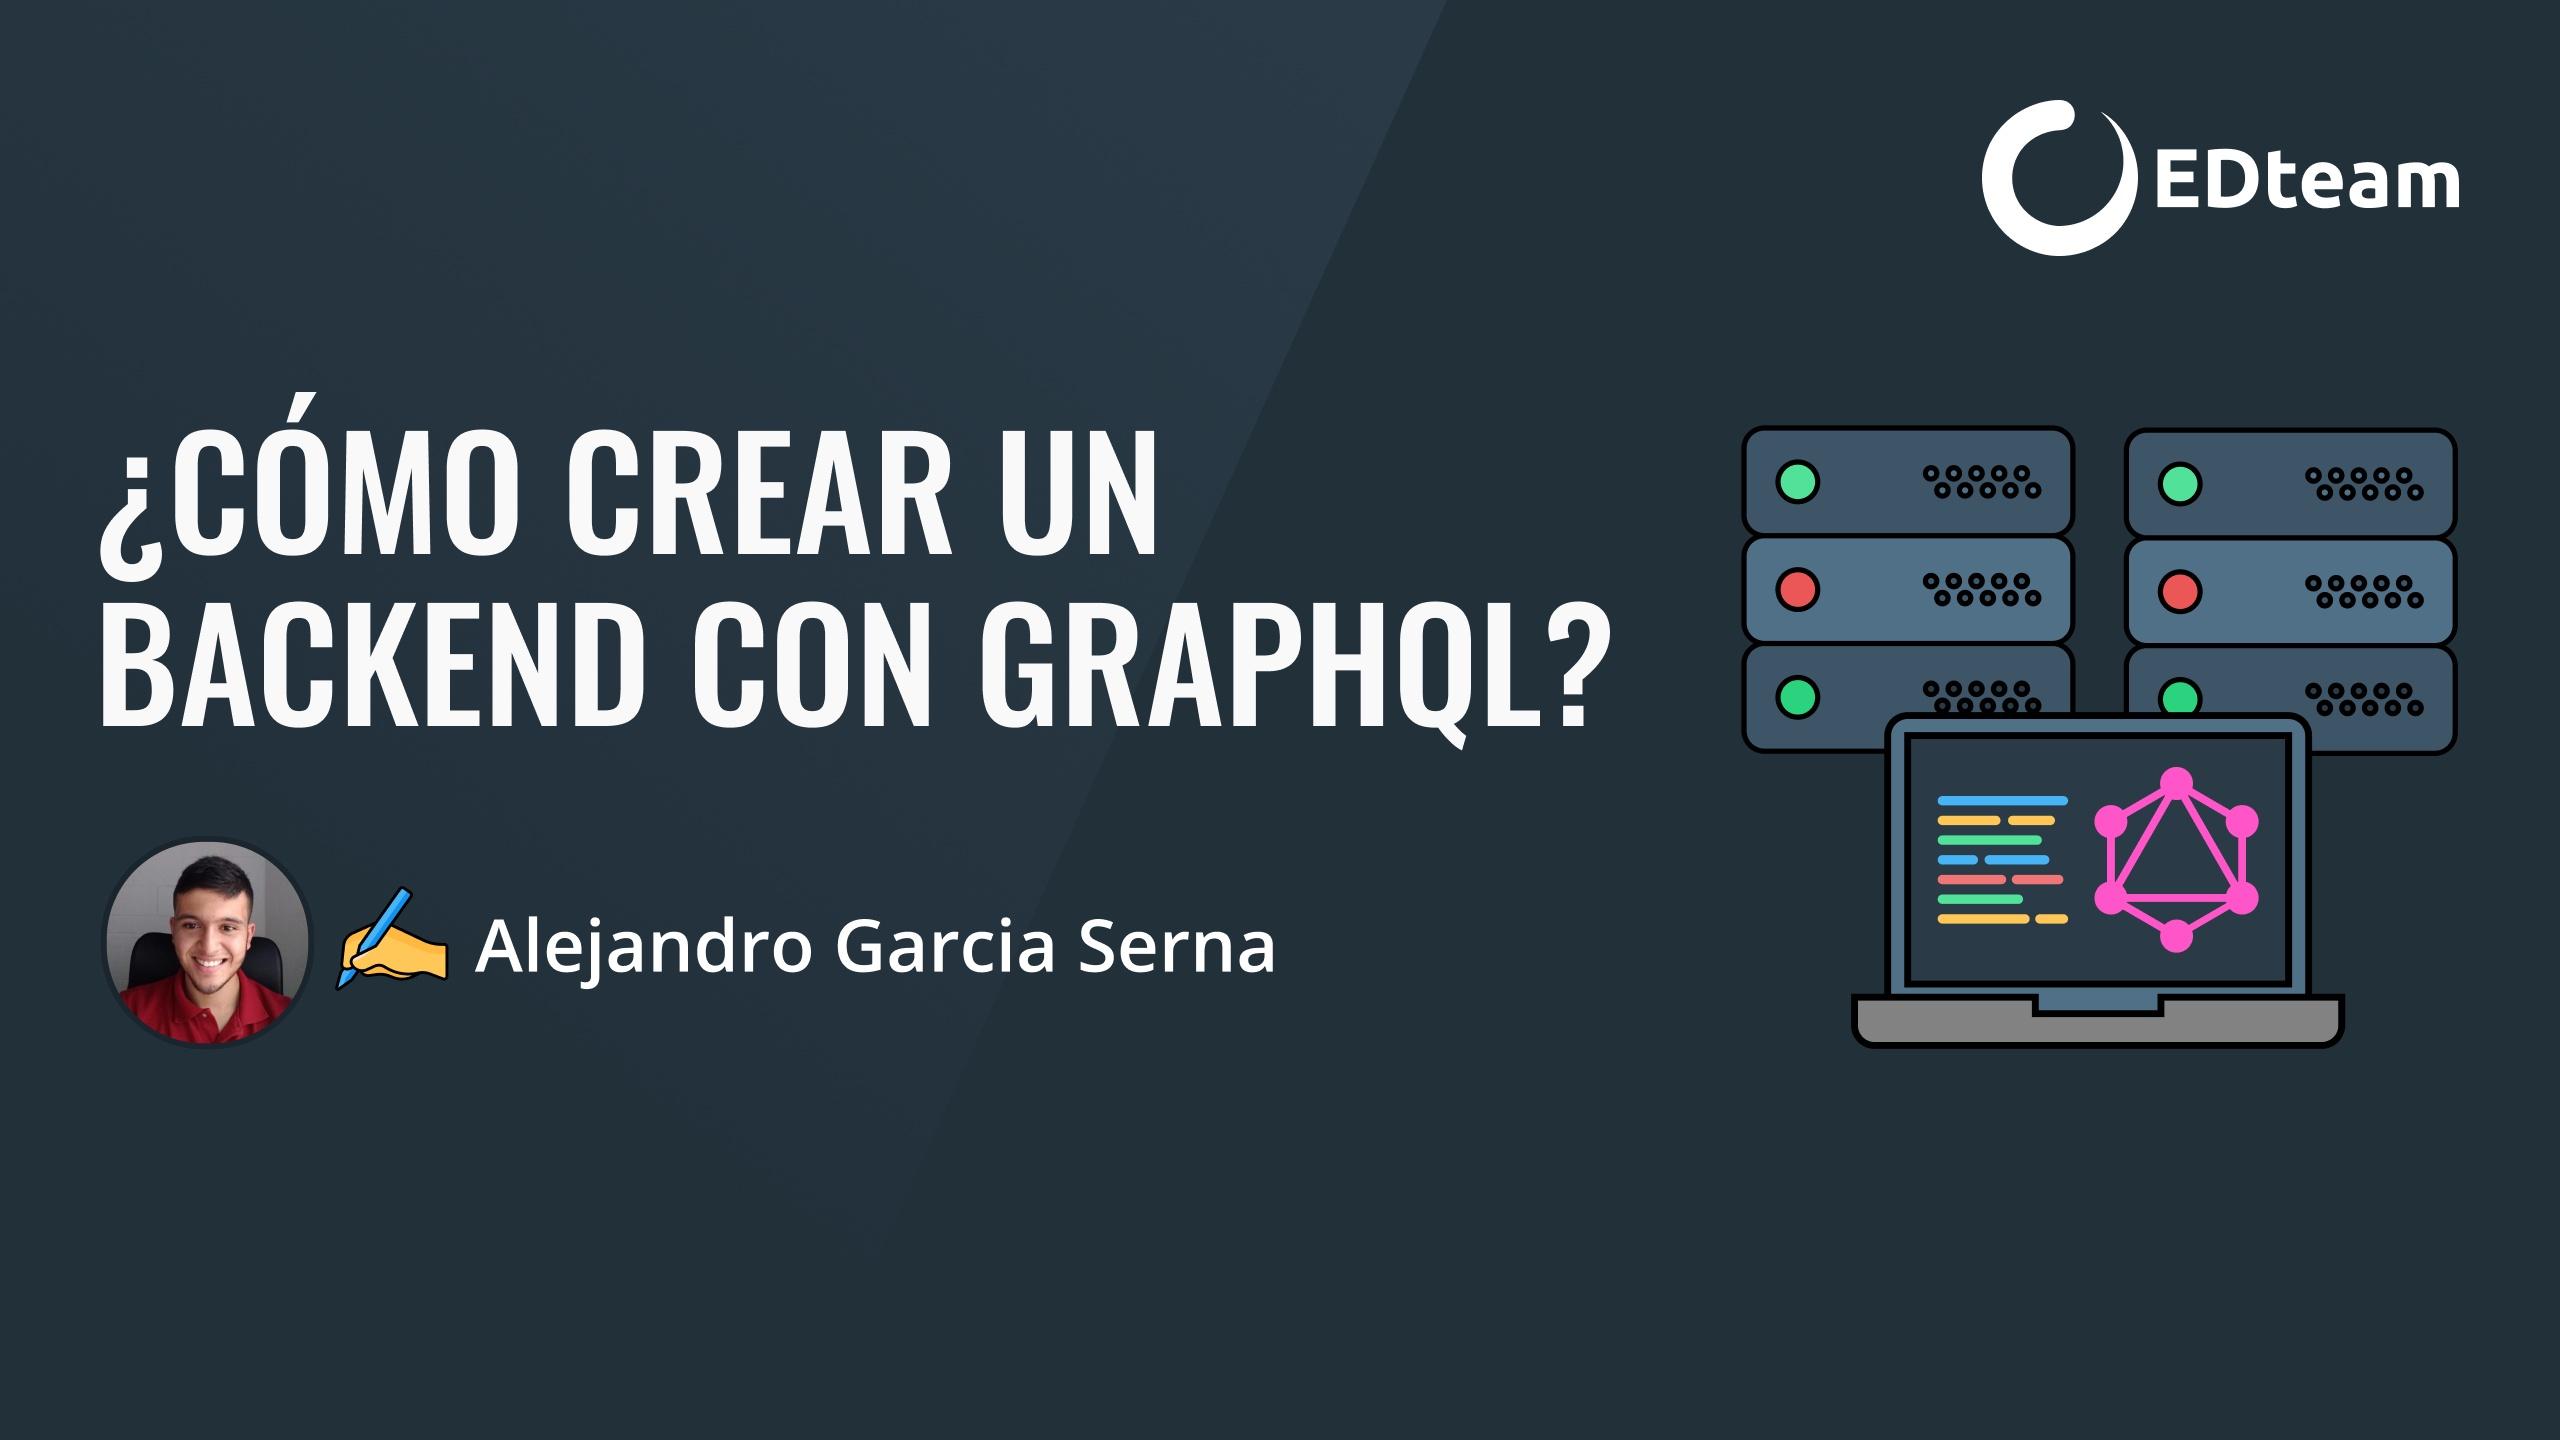 ¿Cómo crear un backend con GraphQL?